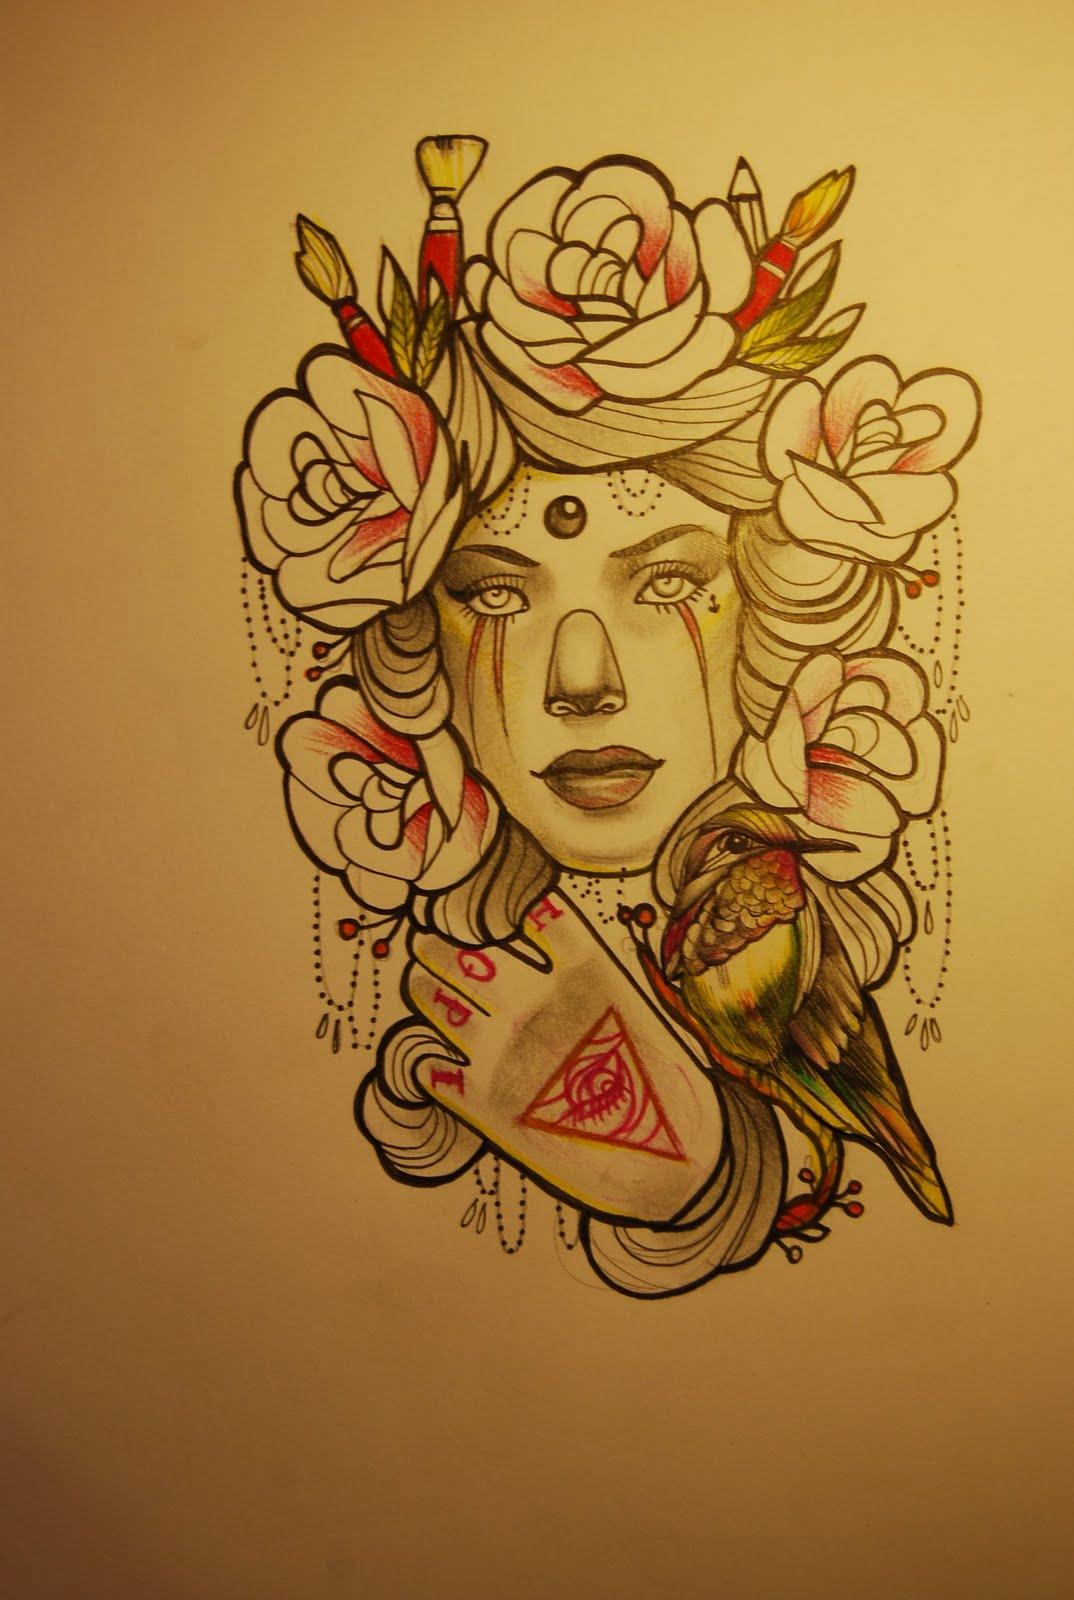 http://2.bp.blogspot.com/-p2tI9pan_J8/ThhLyPnnutI/AAAAAAAAAag/7QYHrq8yNJ8/s1600/272181_2169029634333_1504487999_32422160_2073119_o.jpg